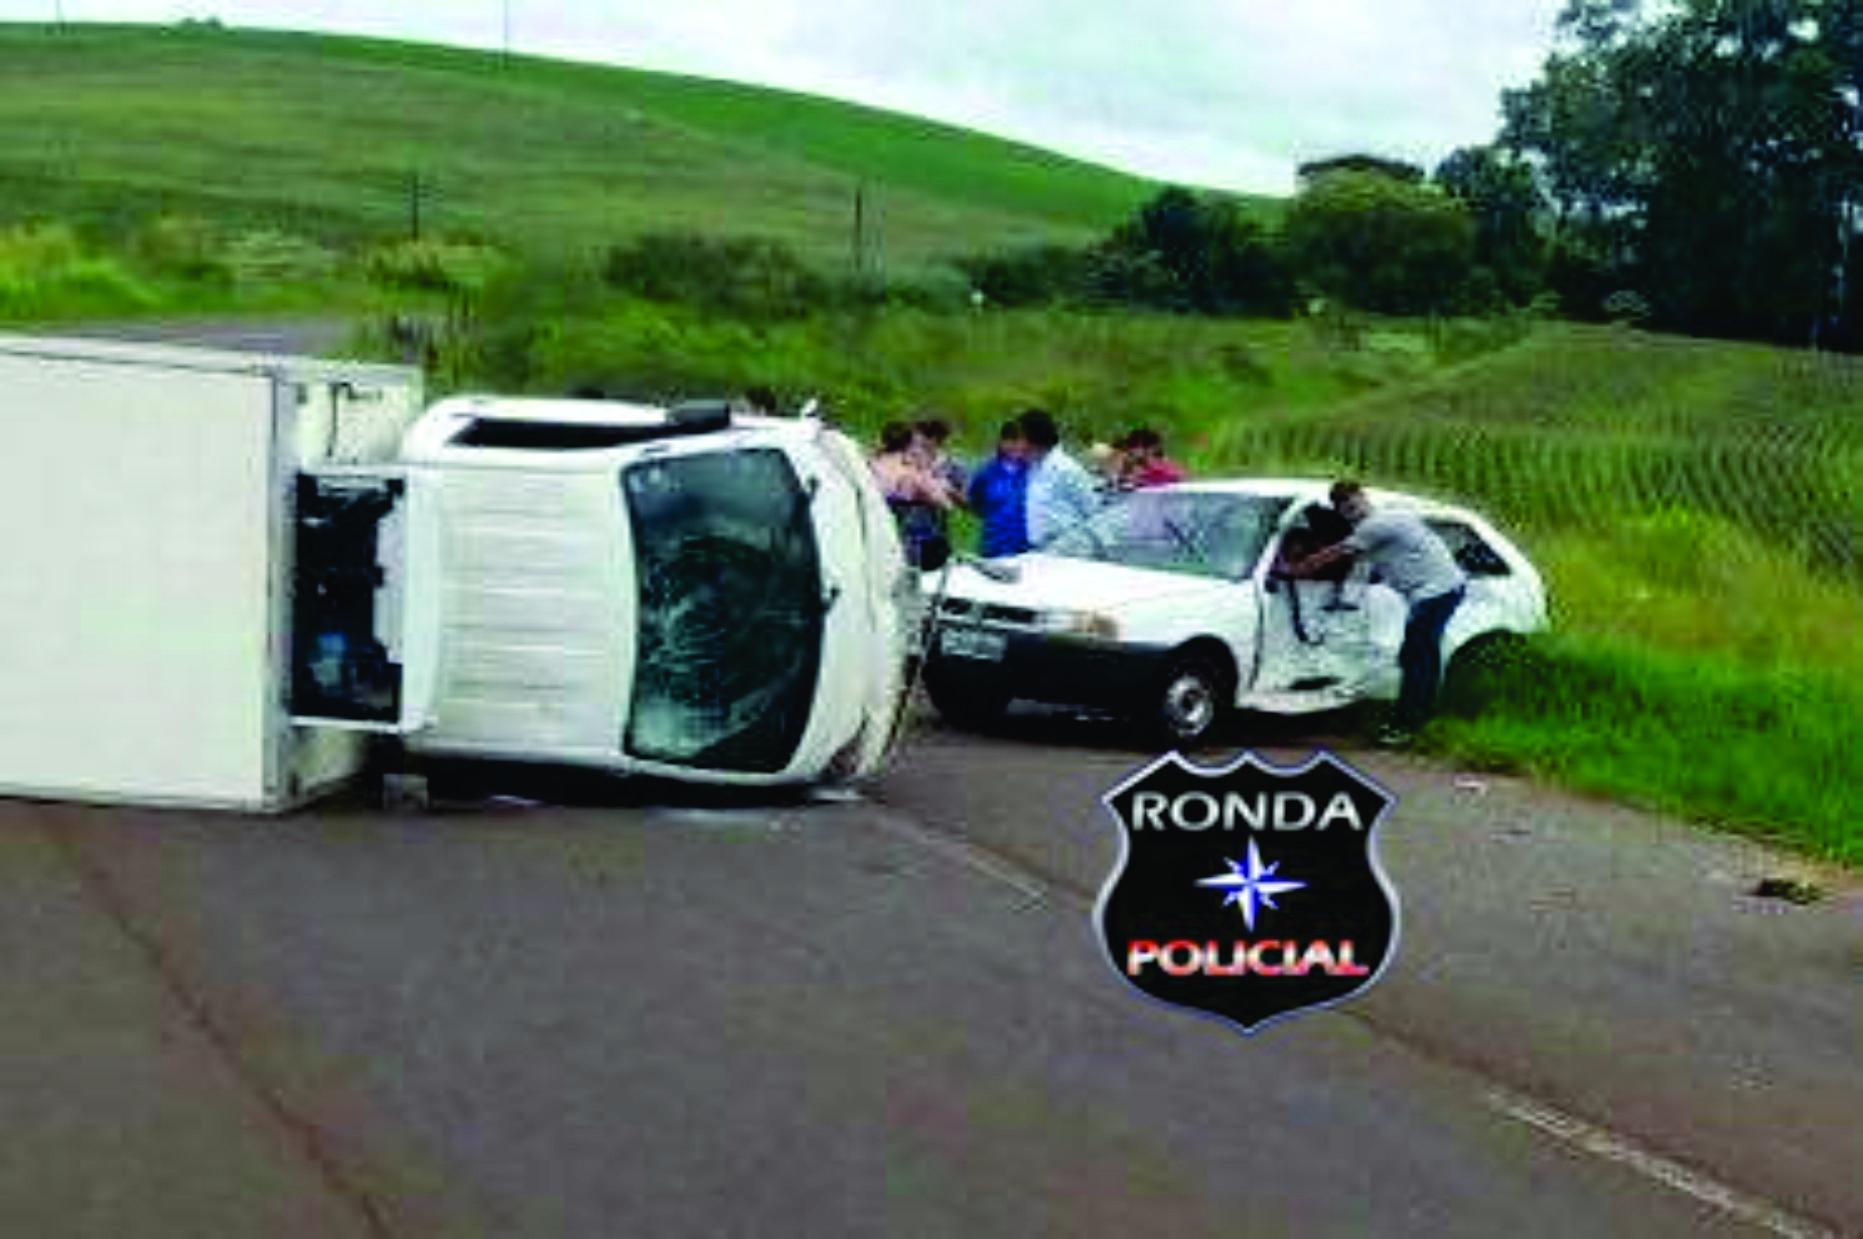 Caminhão de Chapecó tomba e deixa dois feridos após colidir em carro